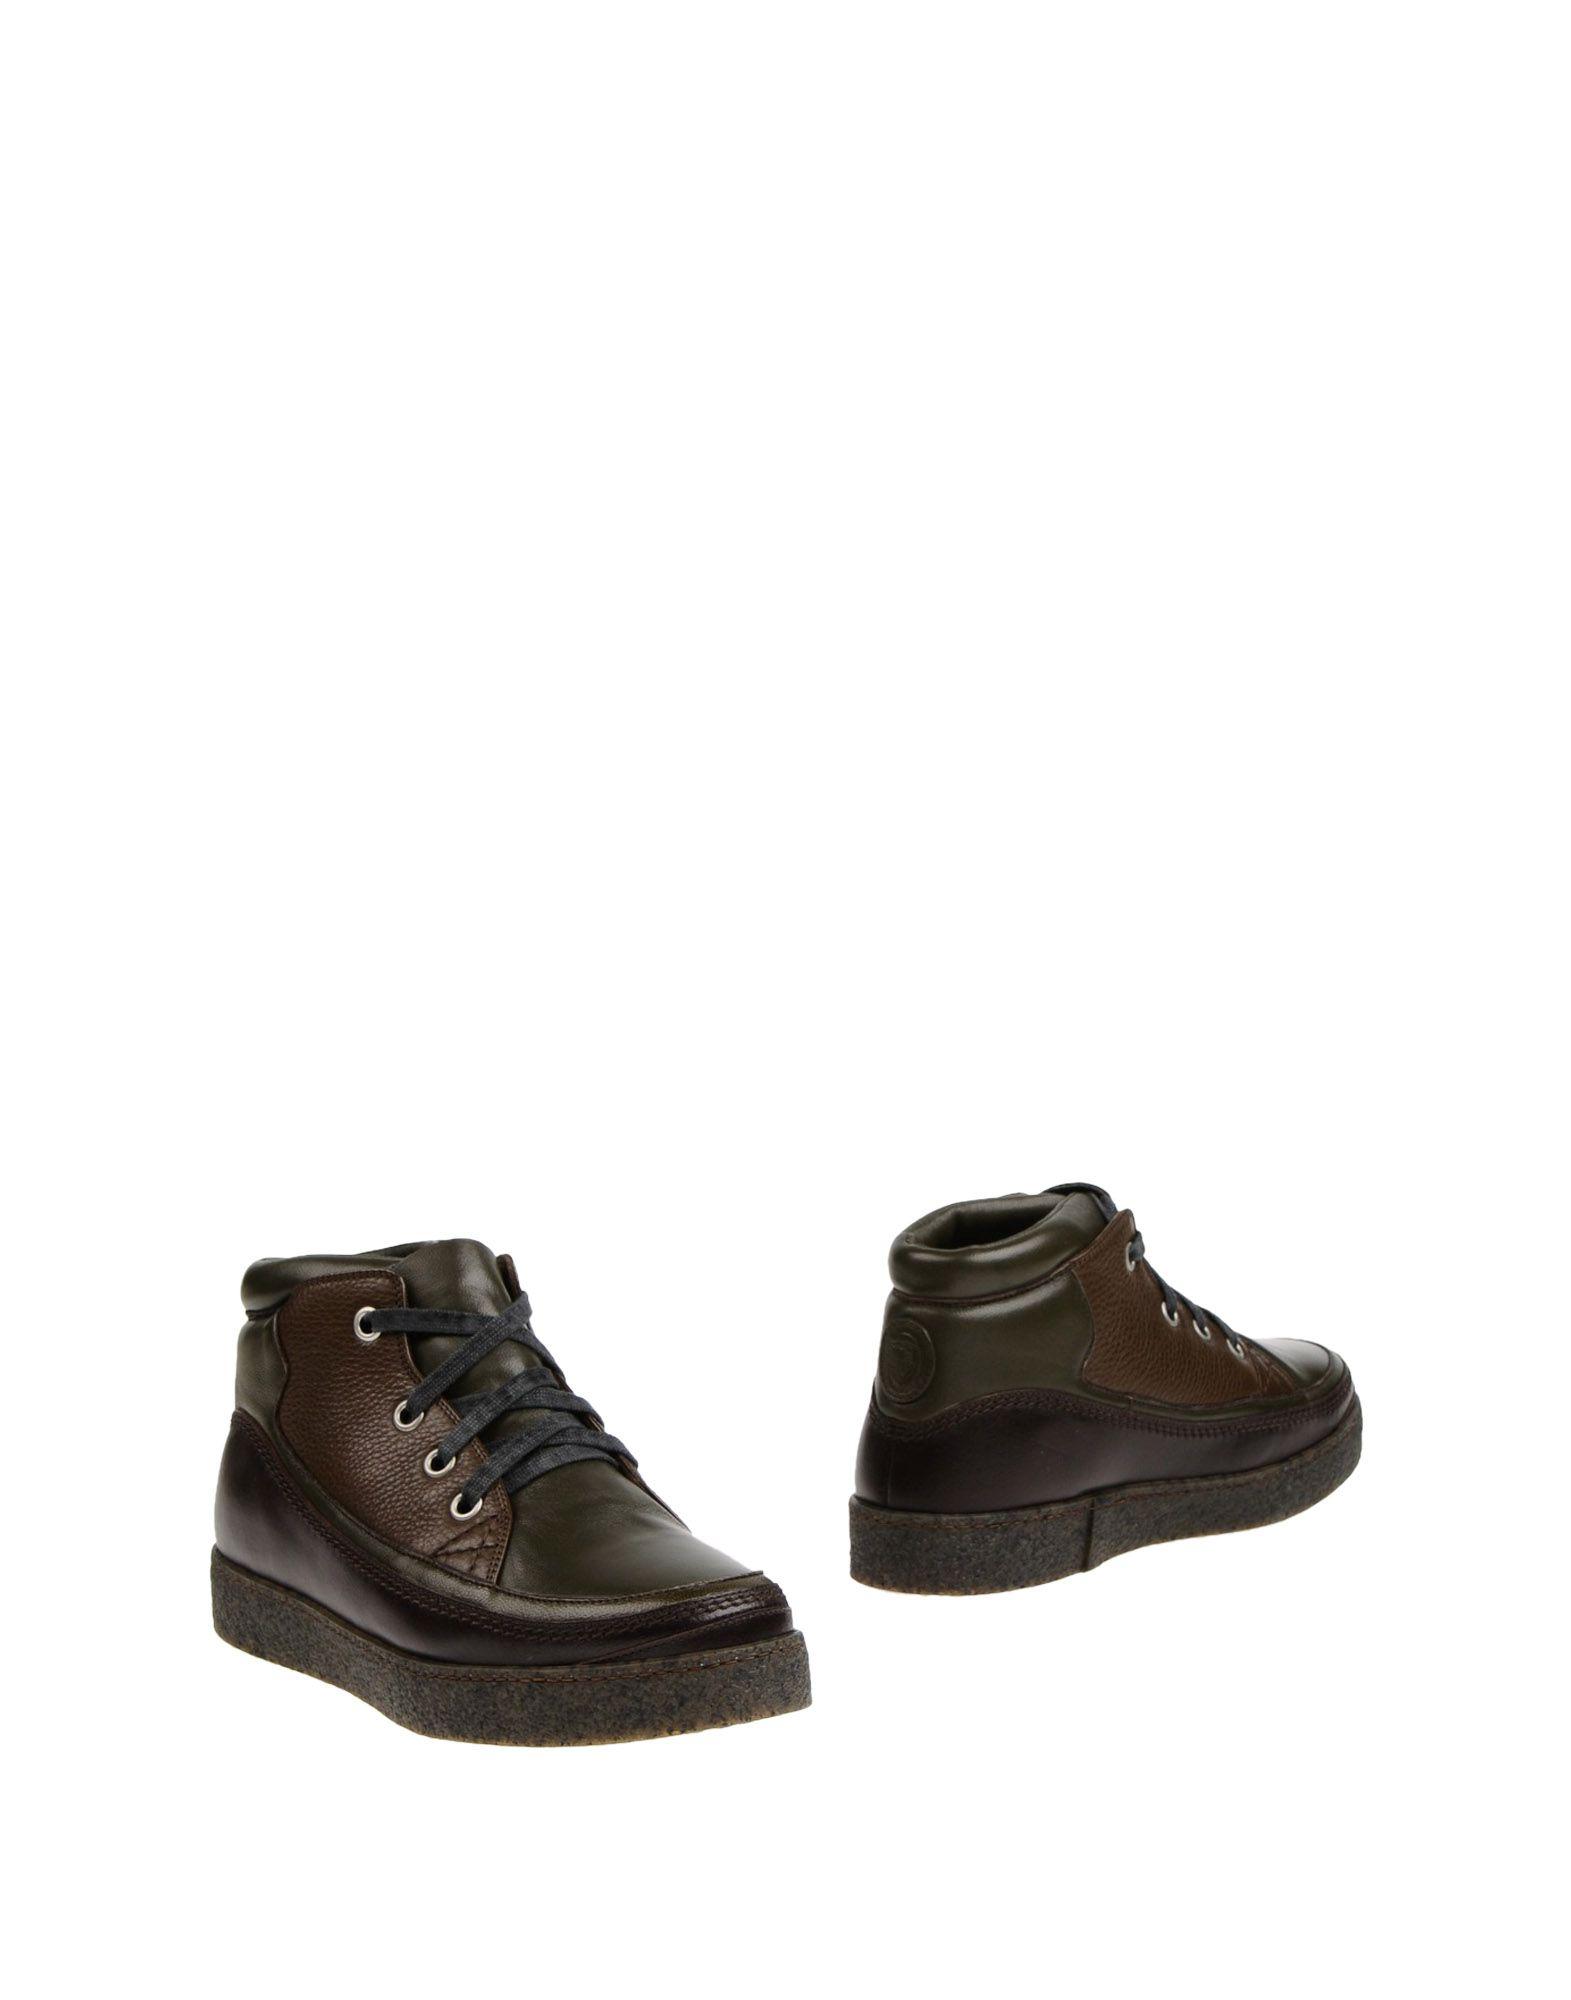 Trussardi Stiefelette Herren  11407322TL Gute Qualität beliebte Schuhe